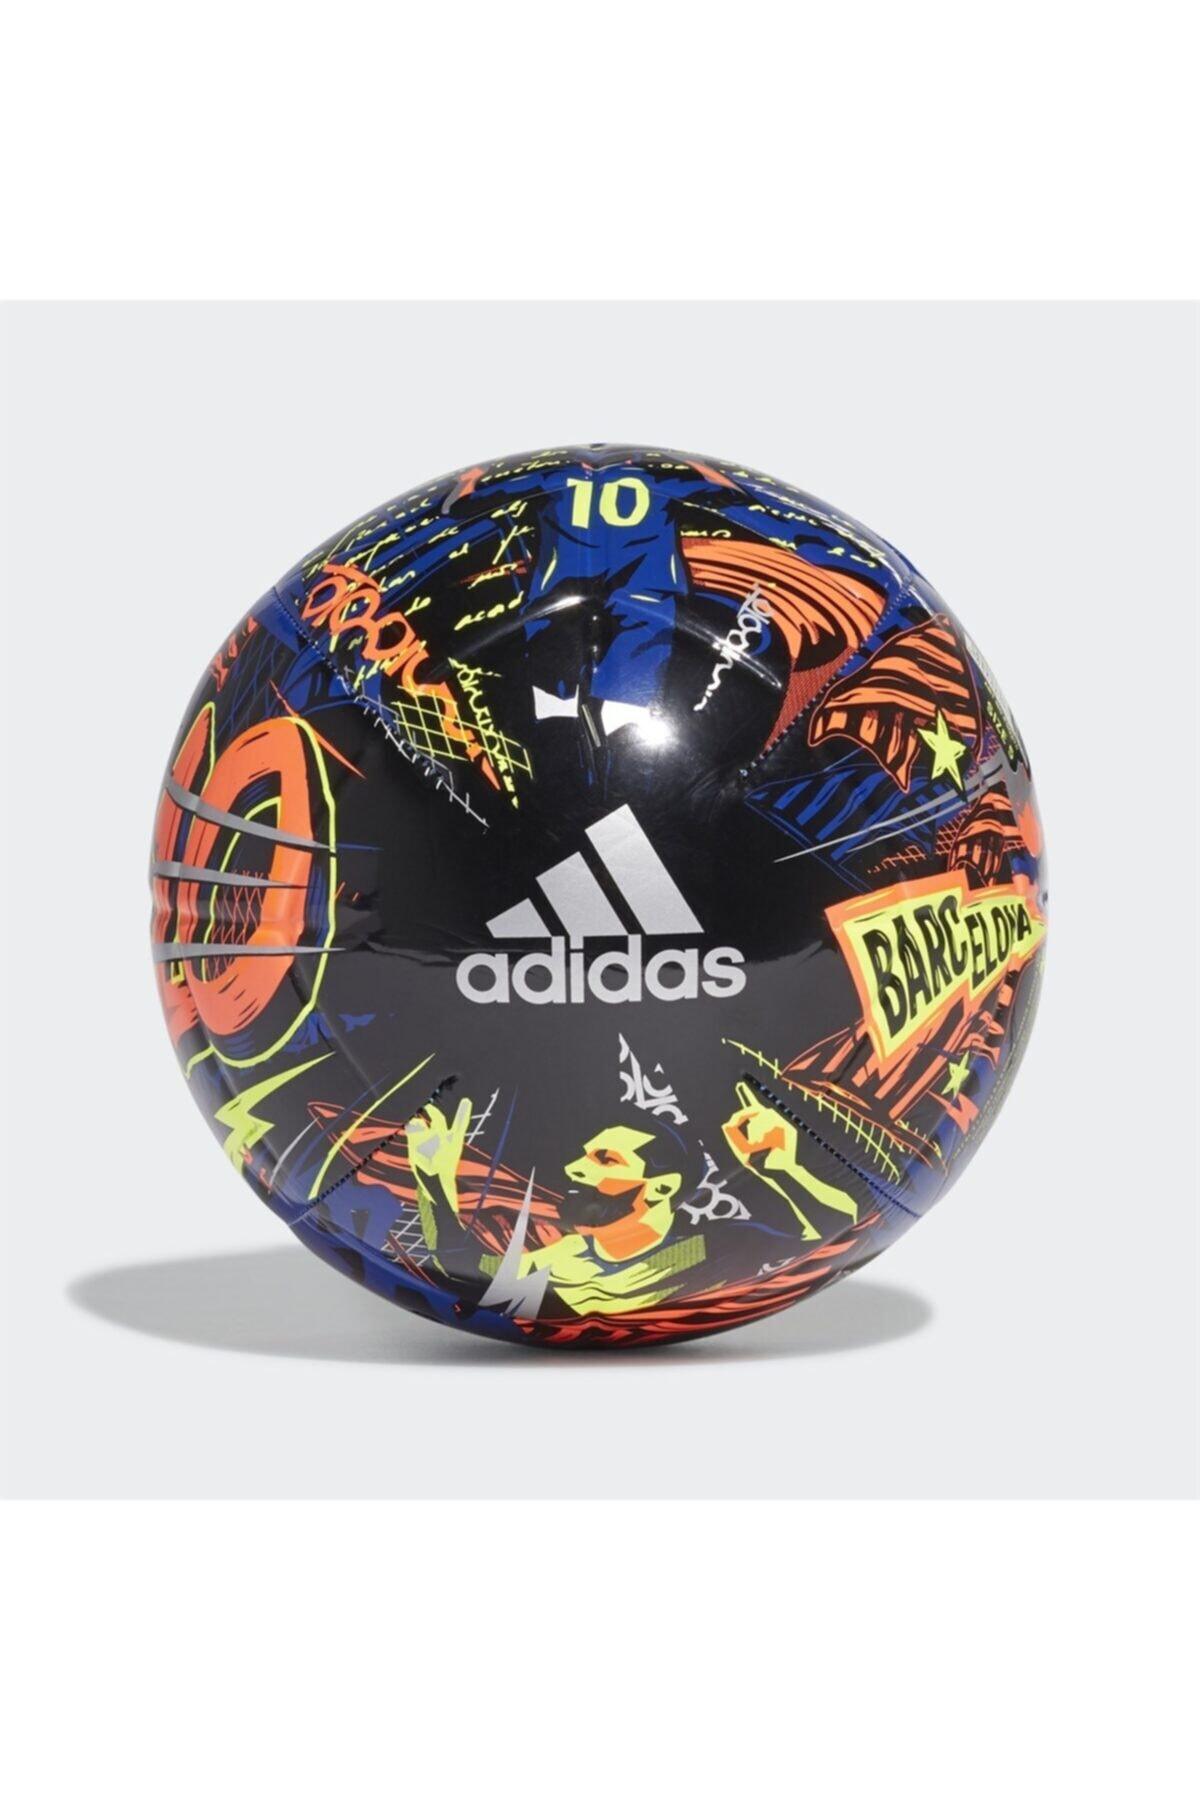 adidas Messı Clb Erkek Futbol Topu 1